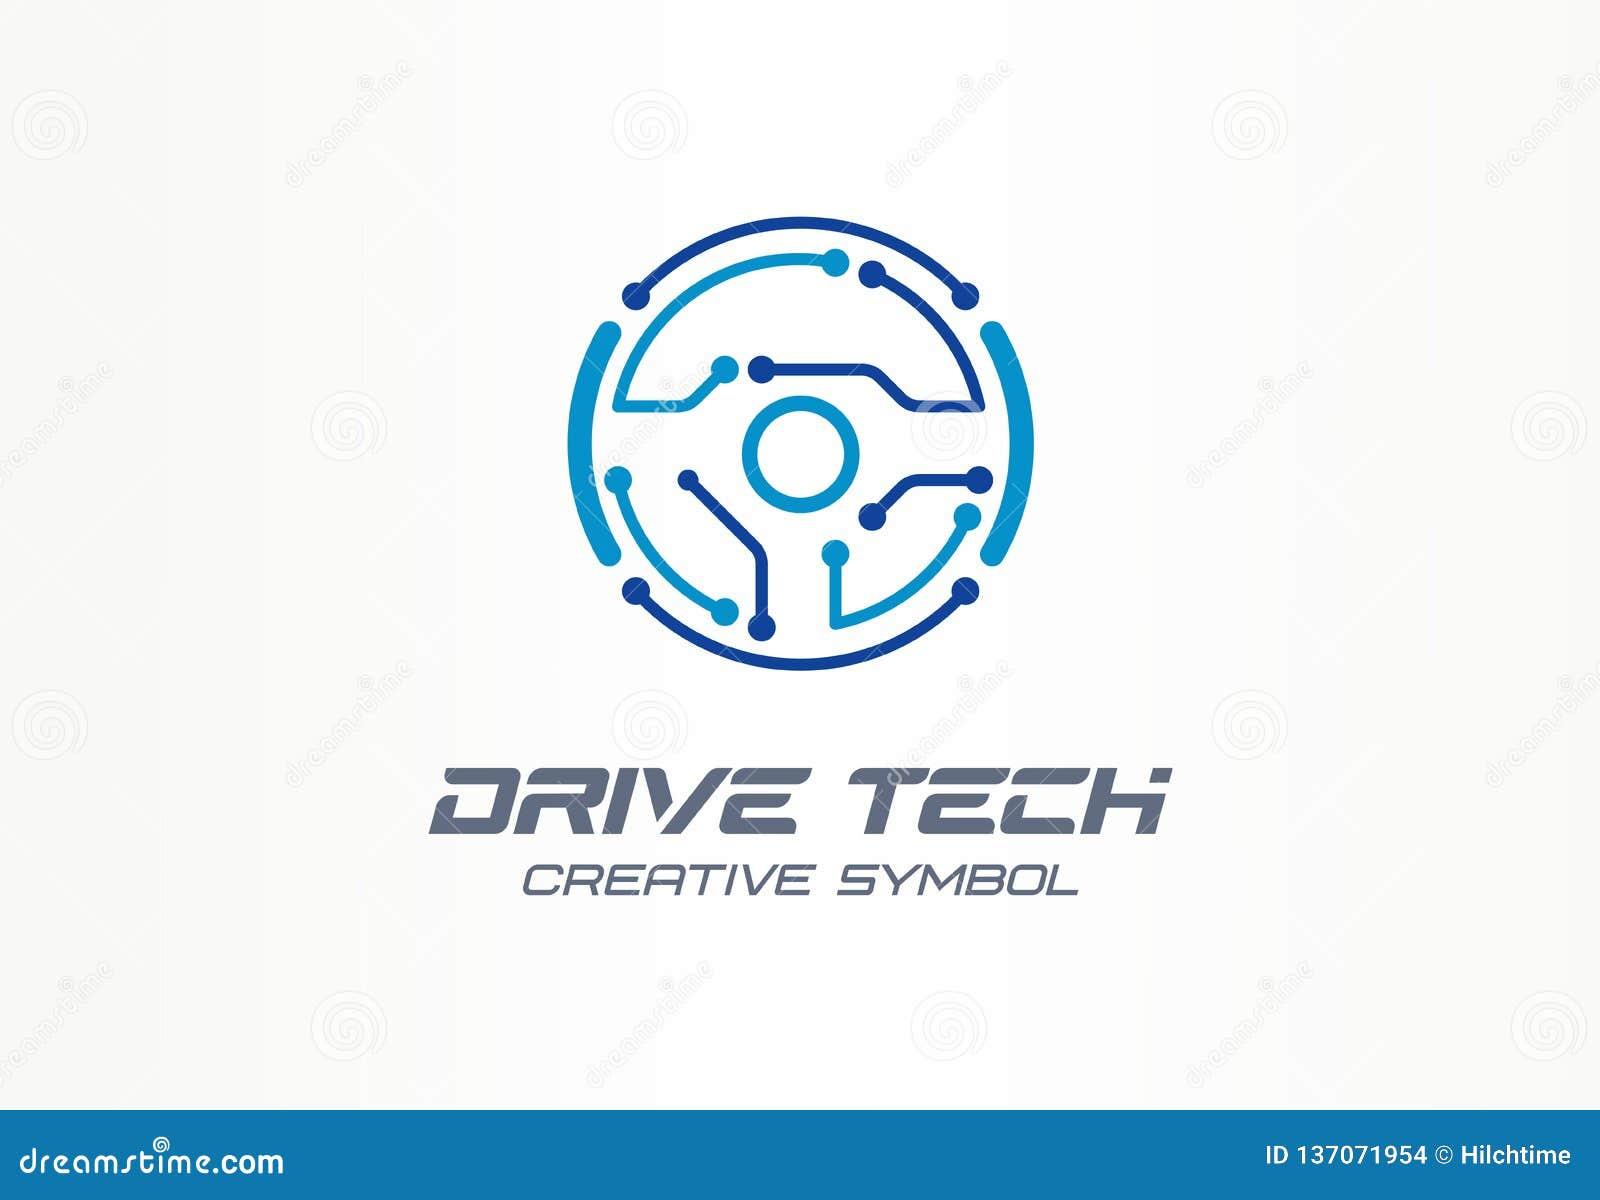 Concepto creativo del símbolo de la tecnología de la impulsión Coche autónomo, logotipo abstracto del negocio de la tecnología au